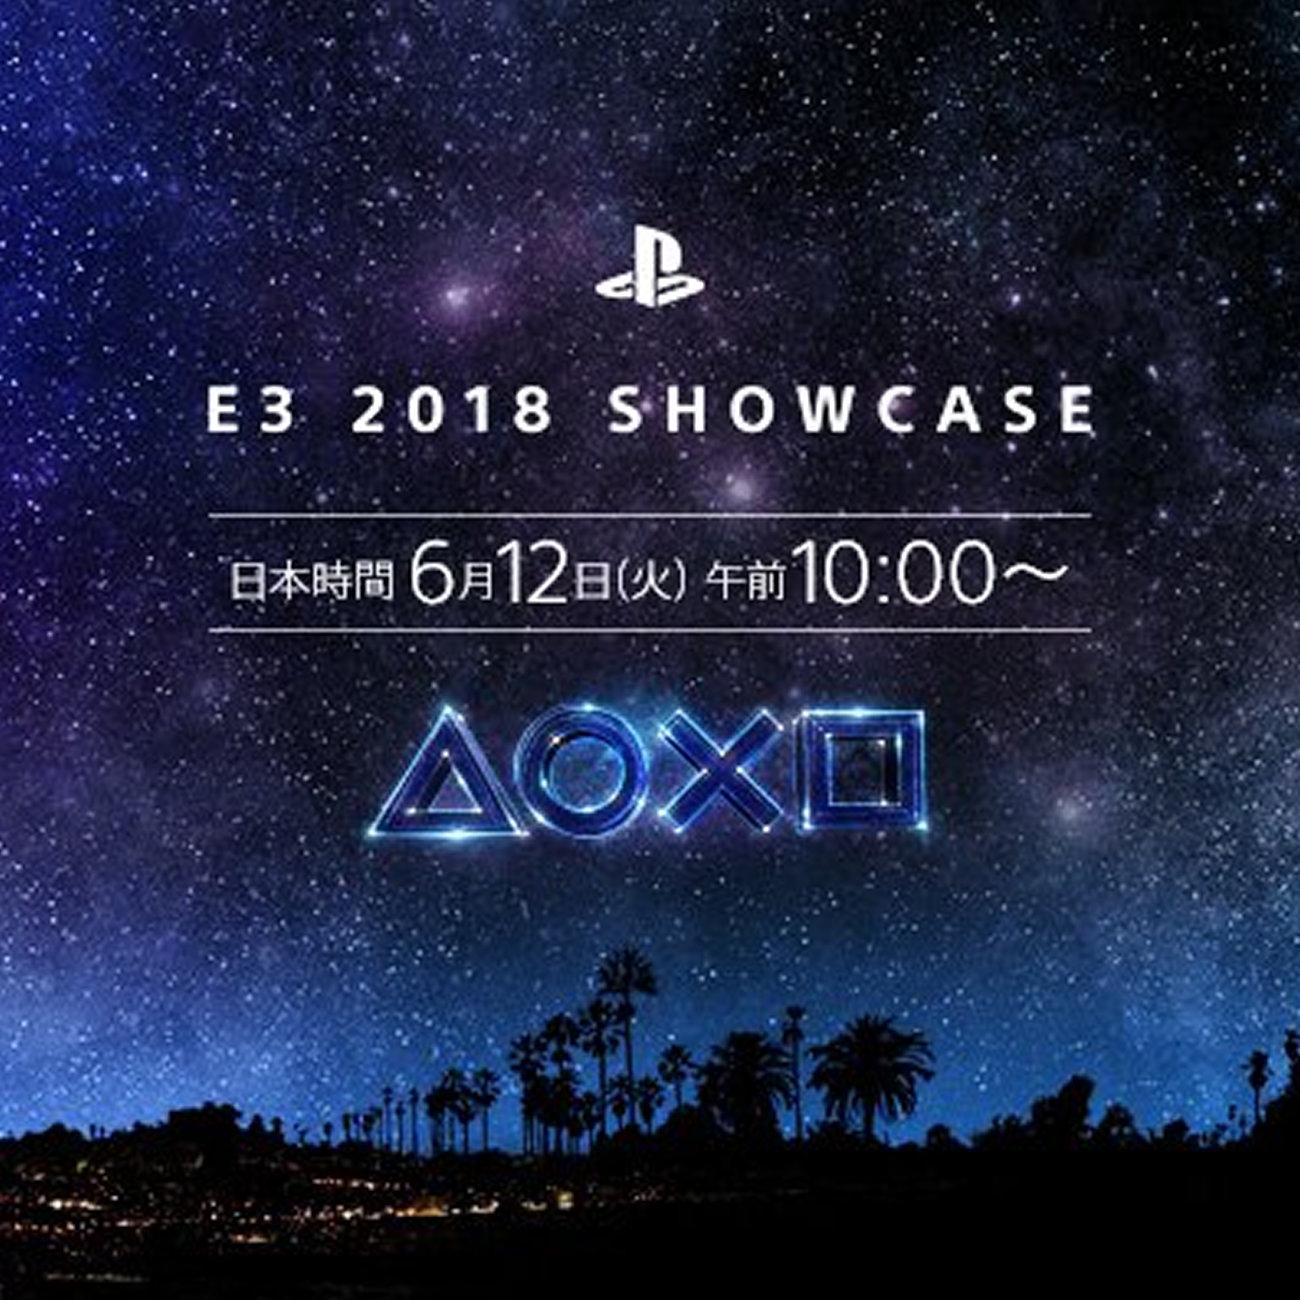 ソニーE3 2018、カンファレンス中継も日本語の同時通訳